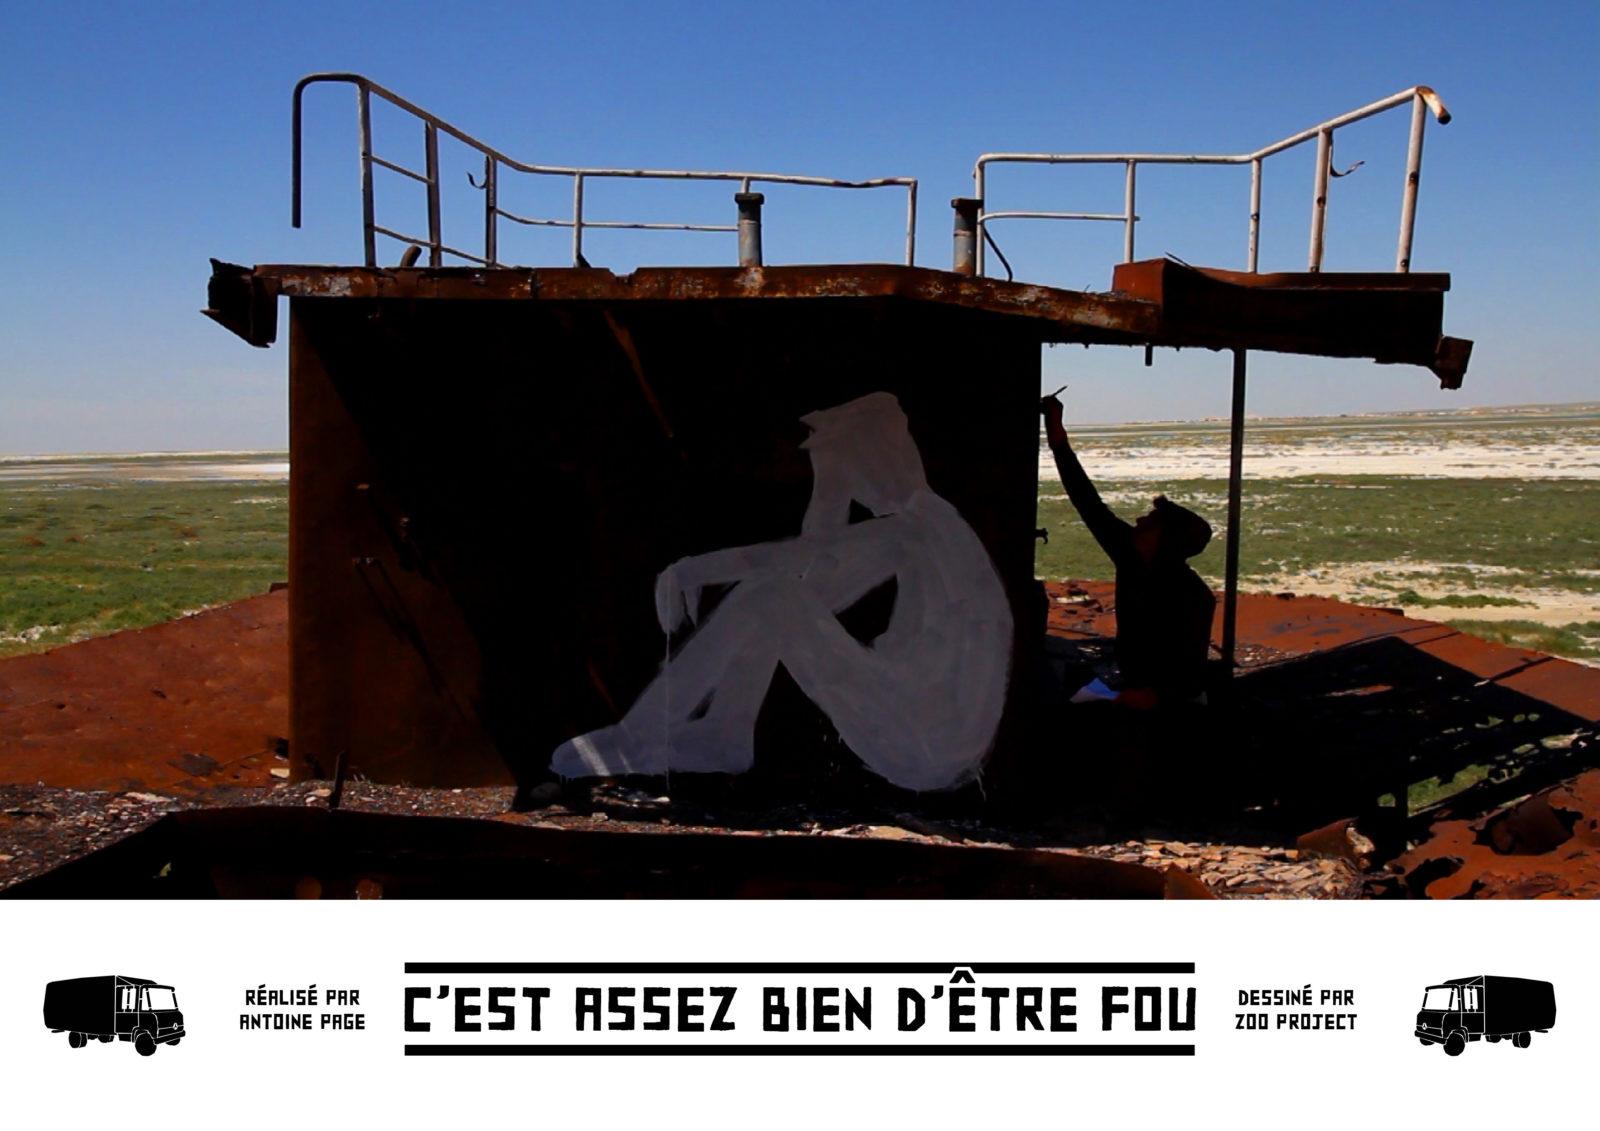 documentaire antoine page zoo project - Le documentaire-hommage au street artiste Zoo Project enfin au cinéma